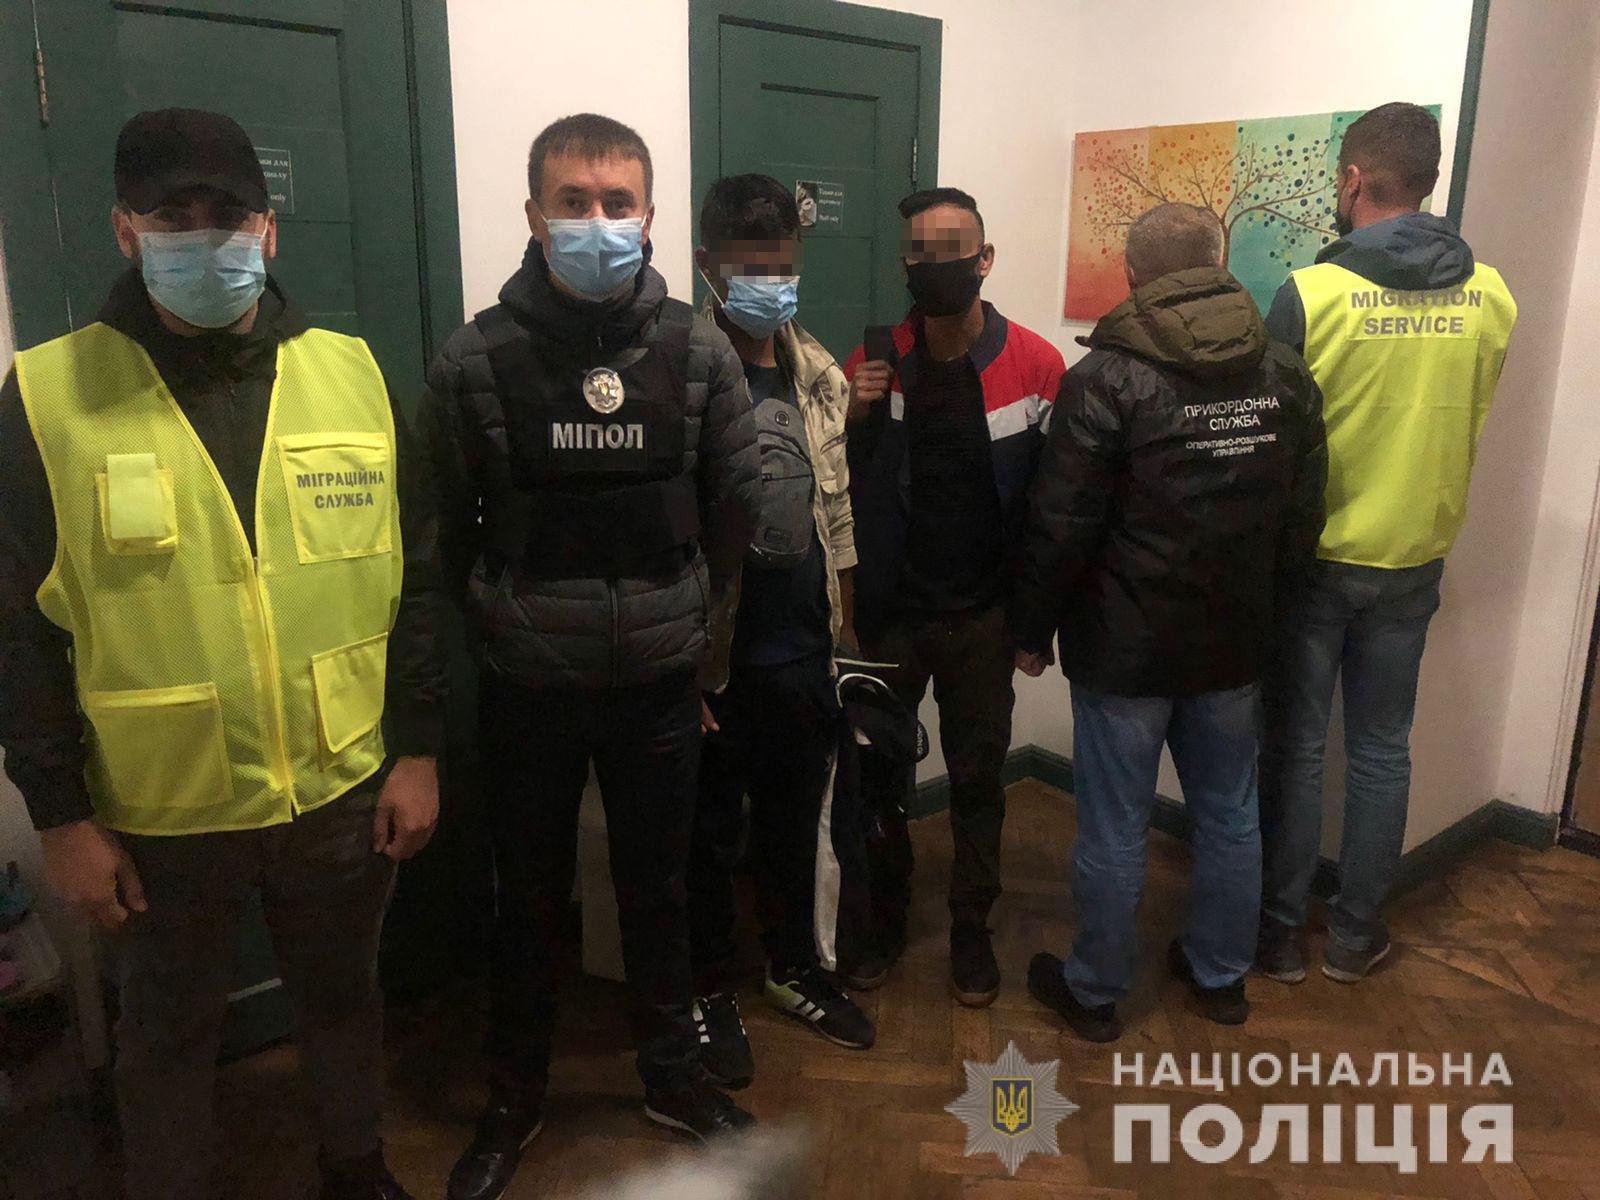 Порушники перебували в Україні понад дозволений законодавством строк.